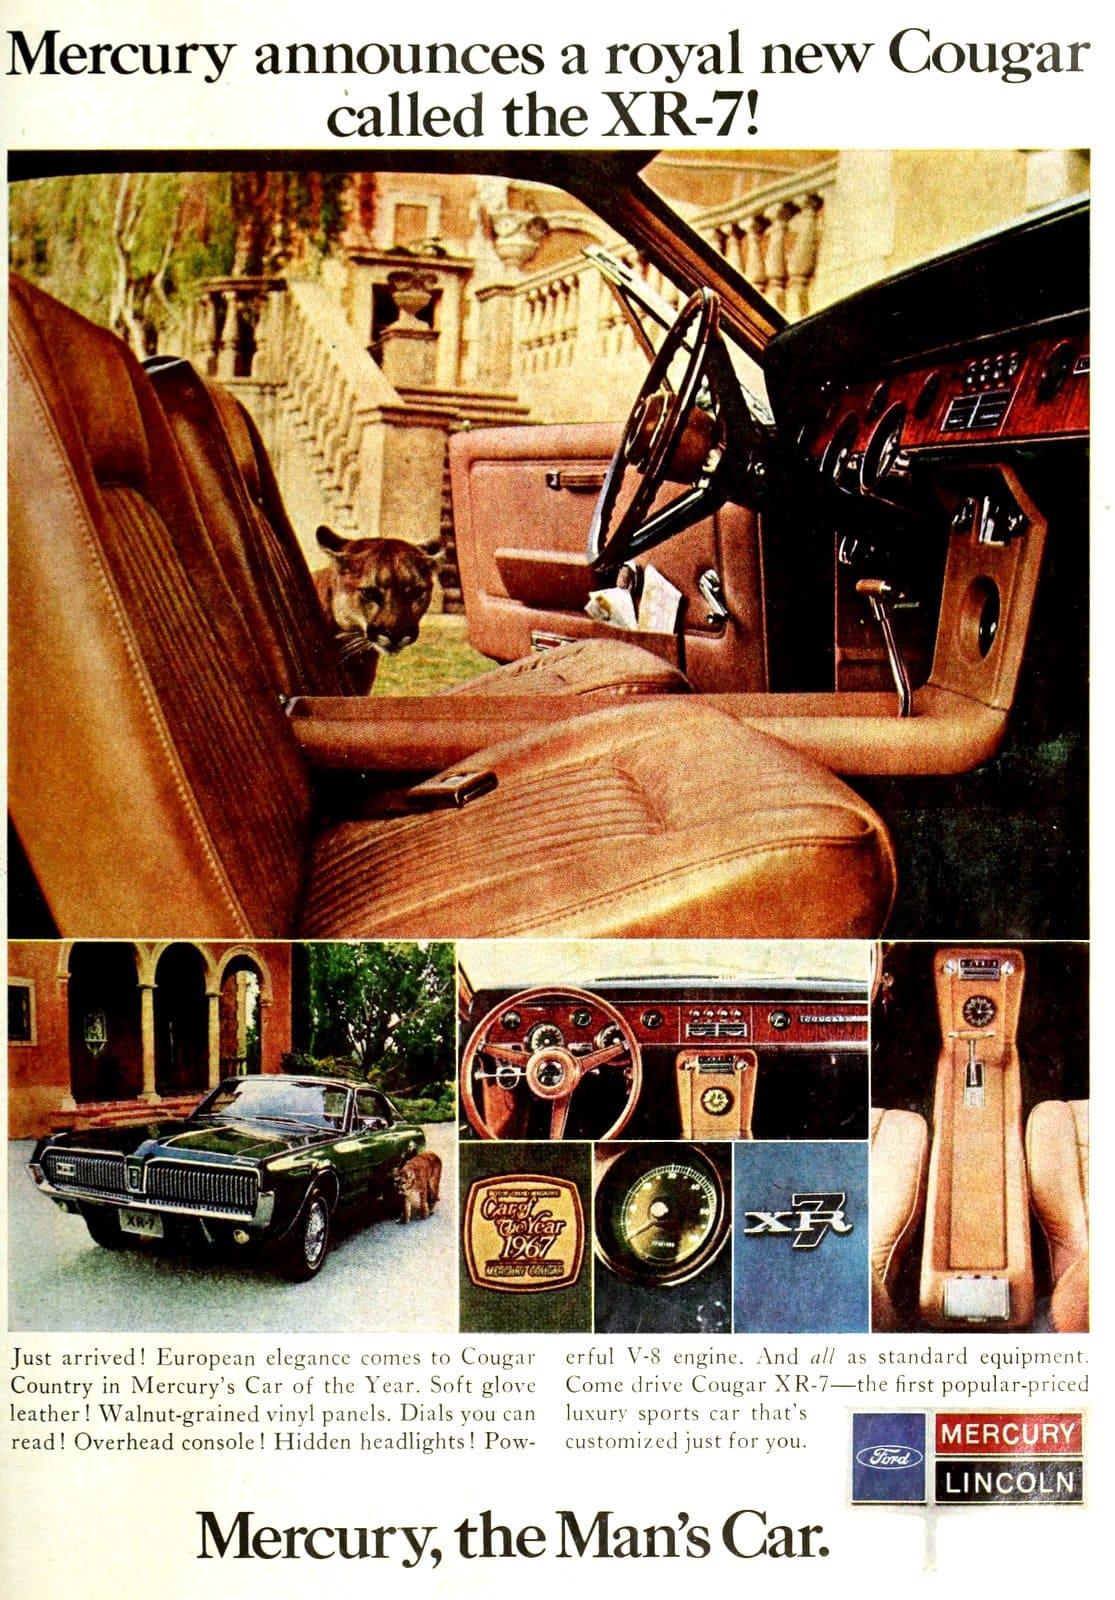 1967 Mercury Cougar XR-7 car